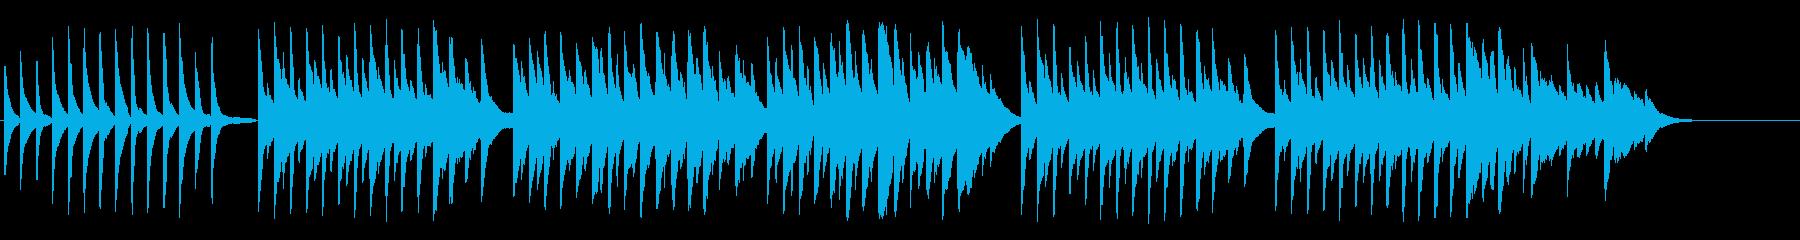 ピアノとハープの優しく温かいBGMの再生済みの波形